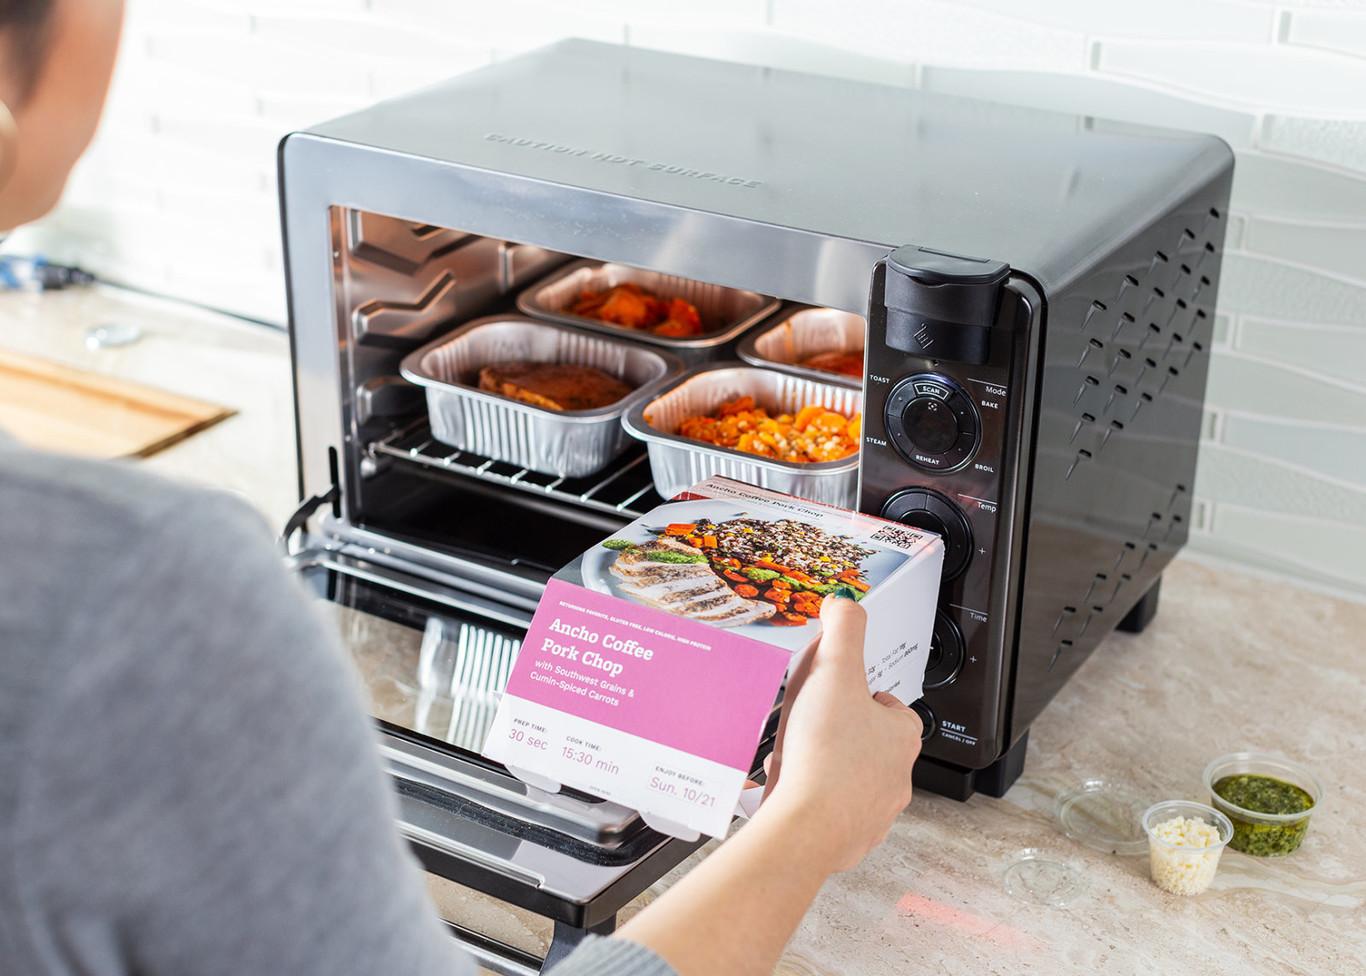 Este horno de Tovala sabe qué comida vas a cocinar gracias a la detección por código de barras